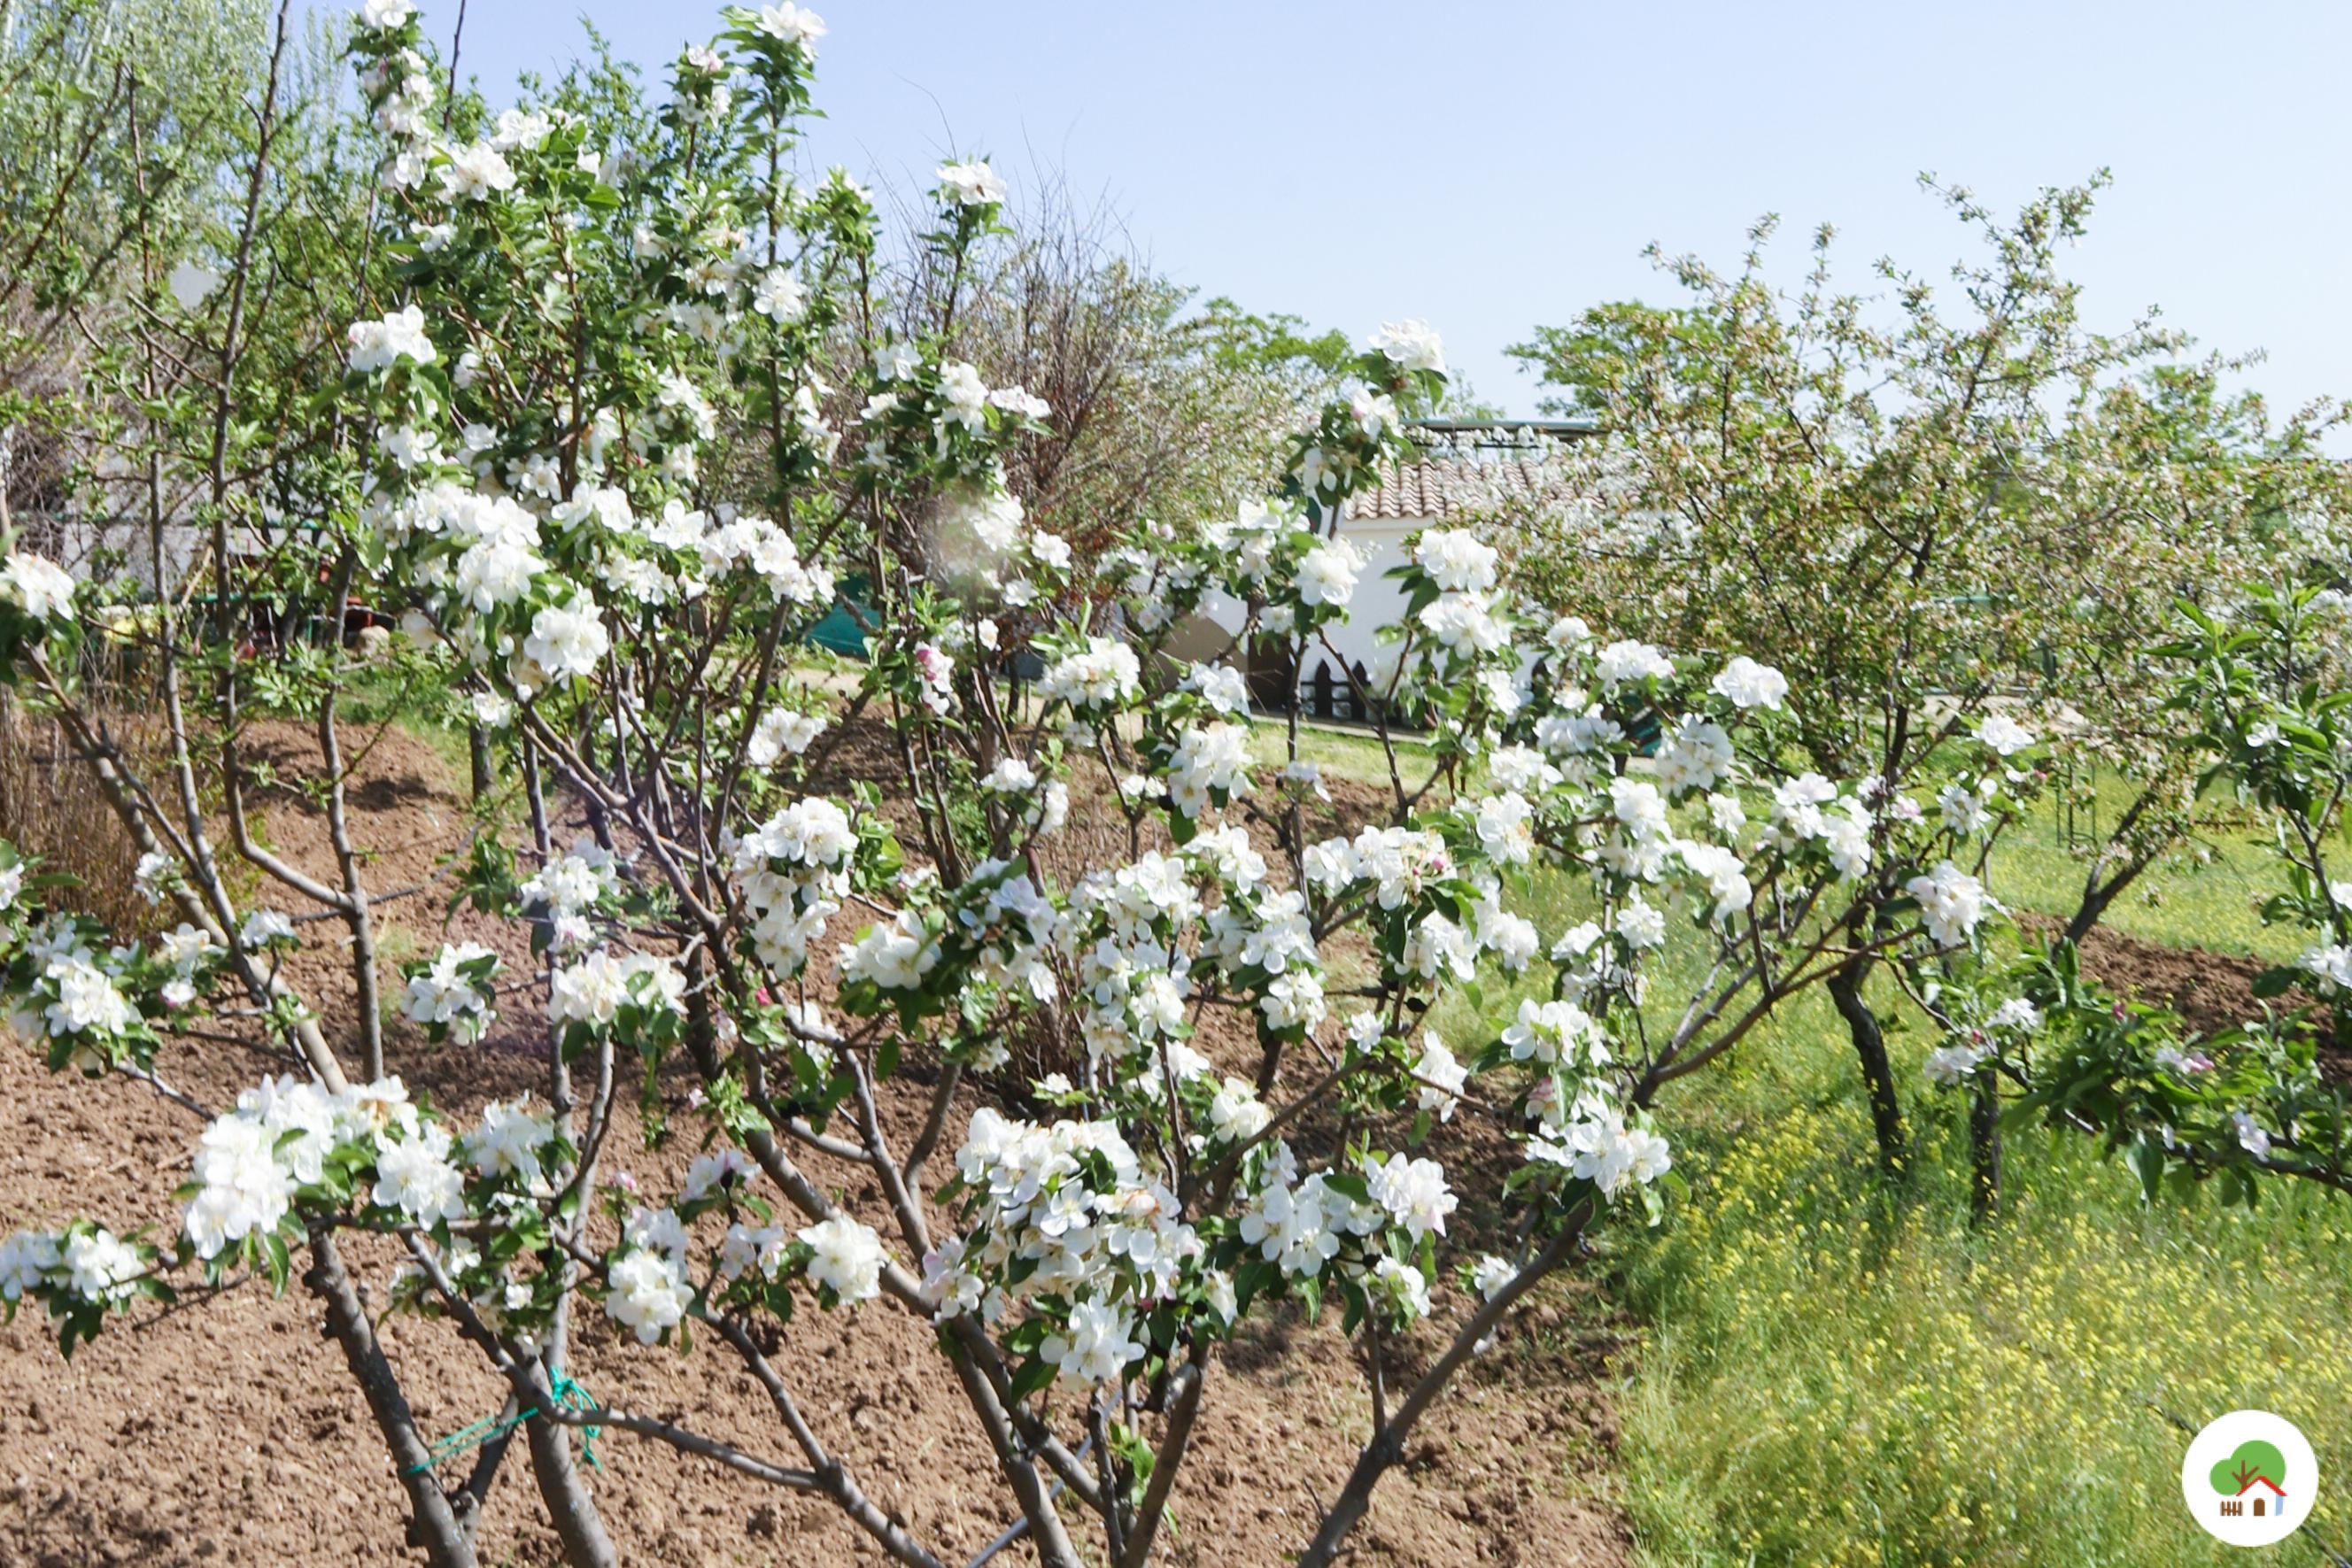 Cerezos en flor en el huerto, Albitana